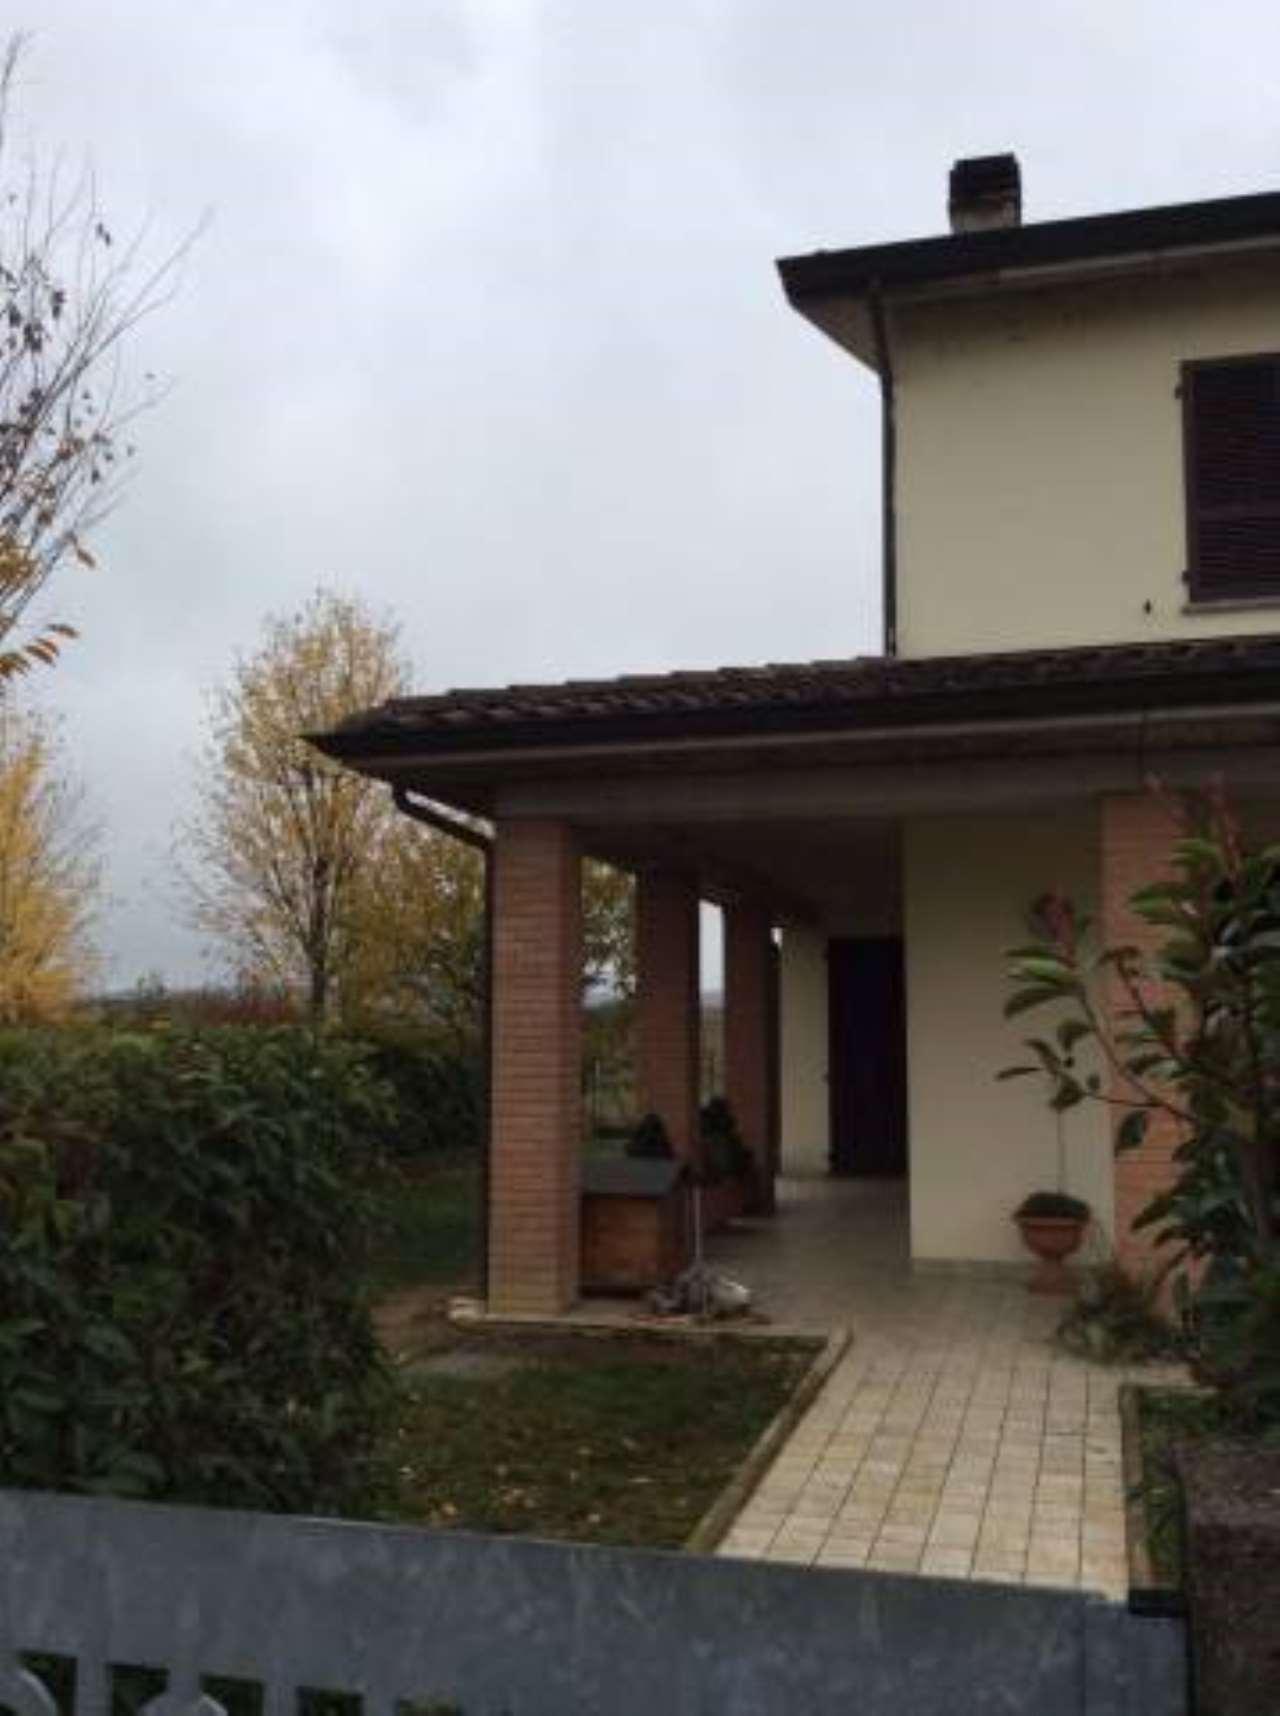 Villa in vendita a Alseno, 5 locali, prezzo € 245.000   CambioCasa.it